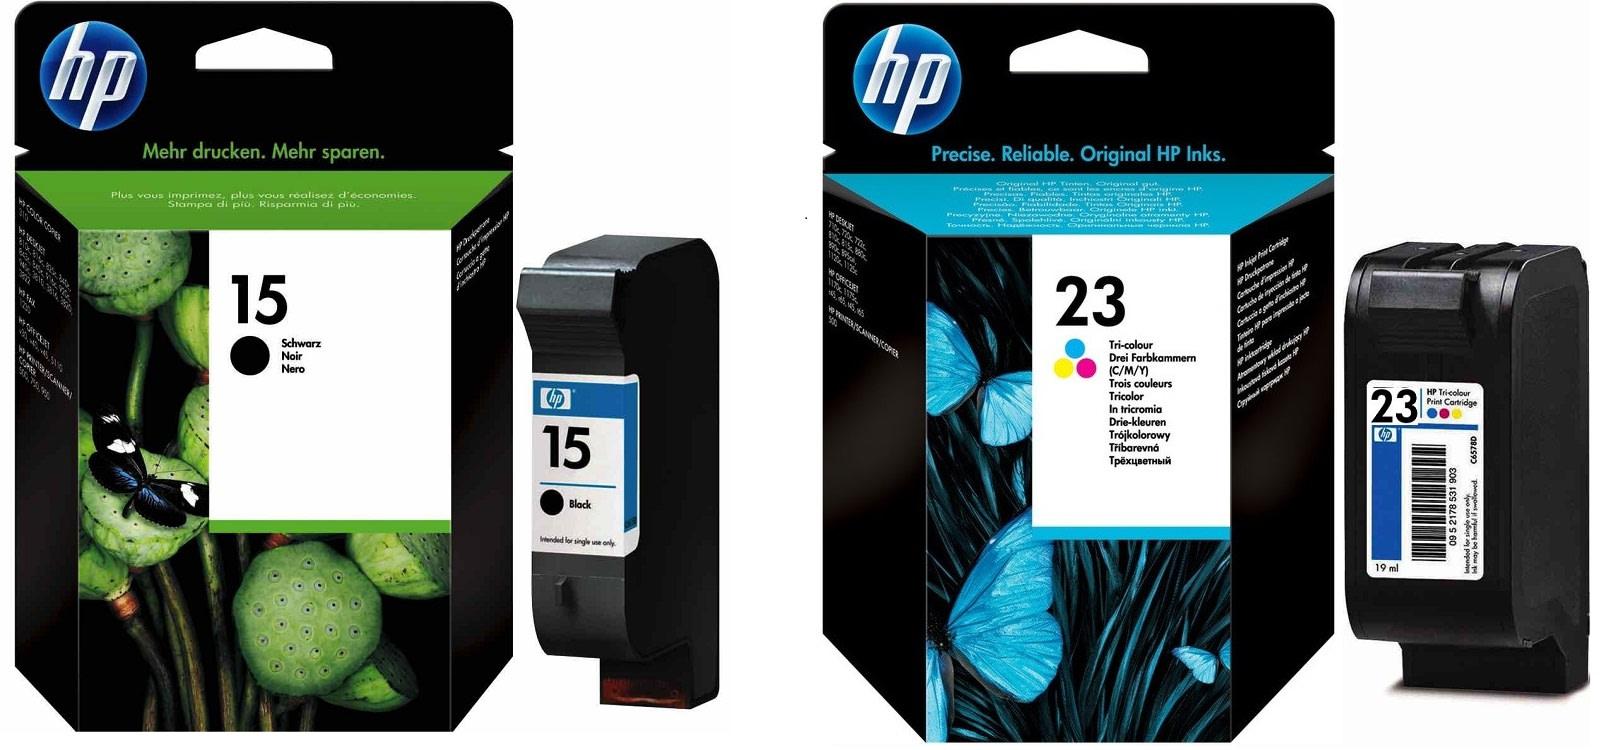 Картриджи hp 15 hp 23 для HP Deskjet 810c. Купить комплект оригинальных чернил.